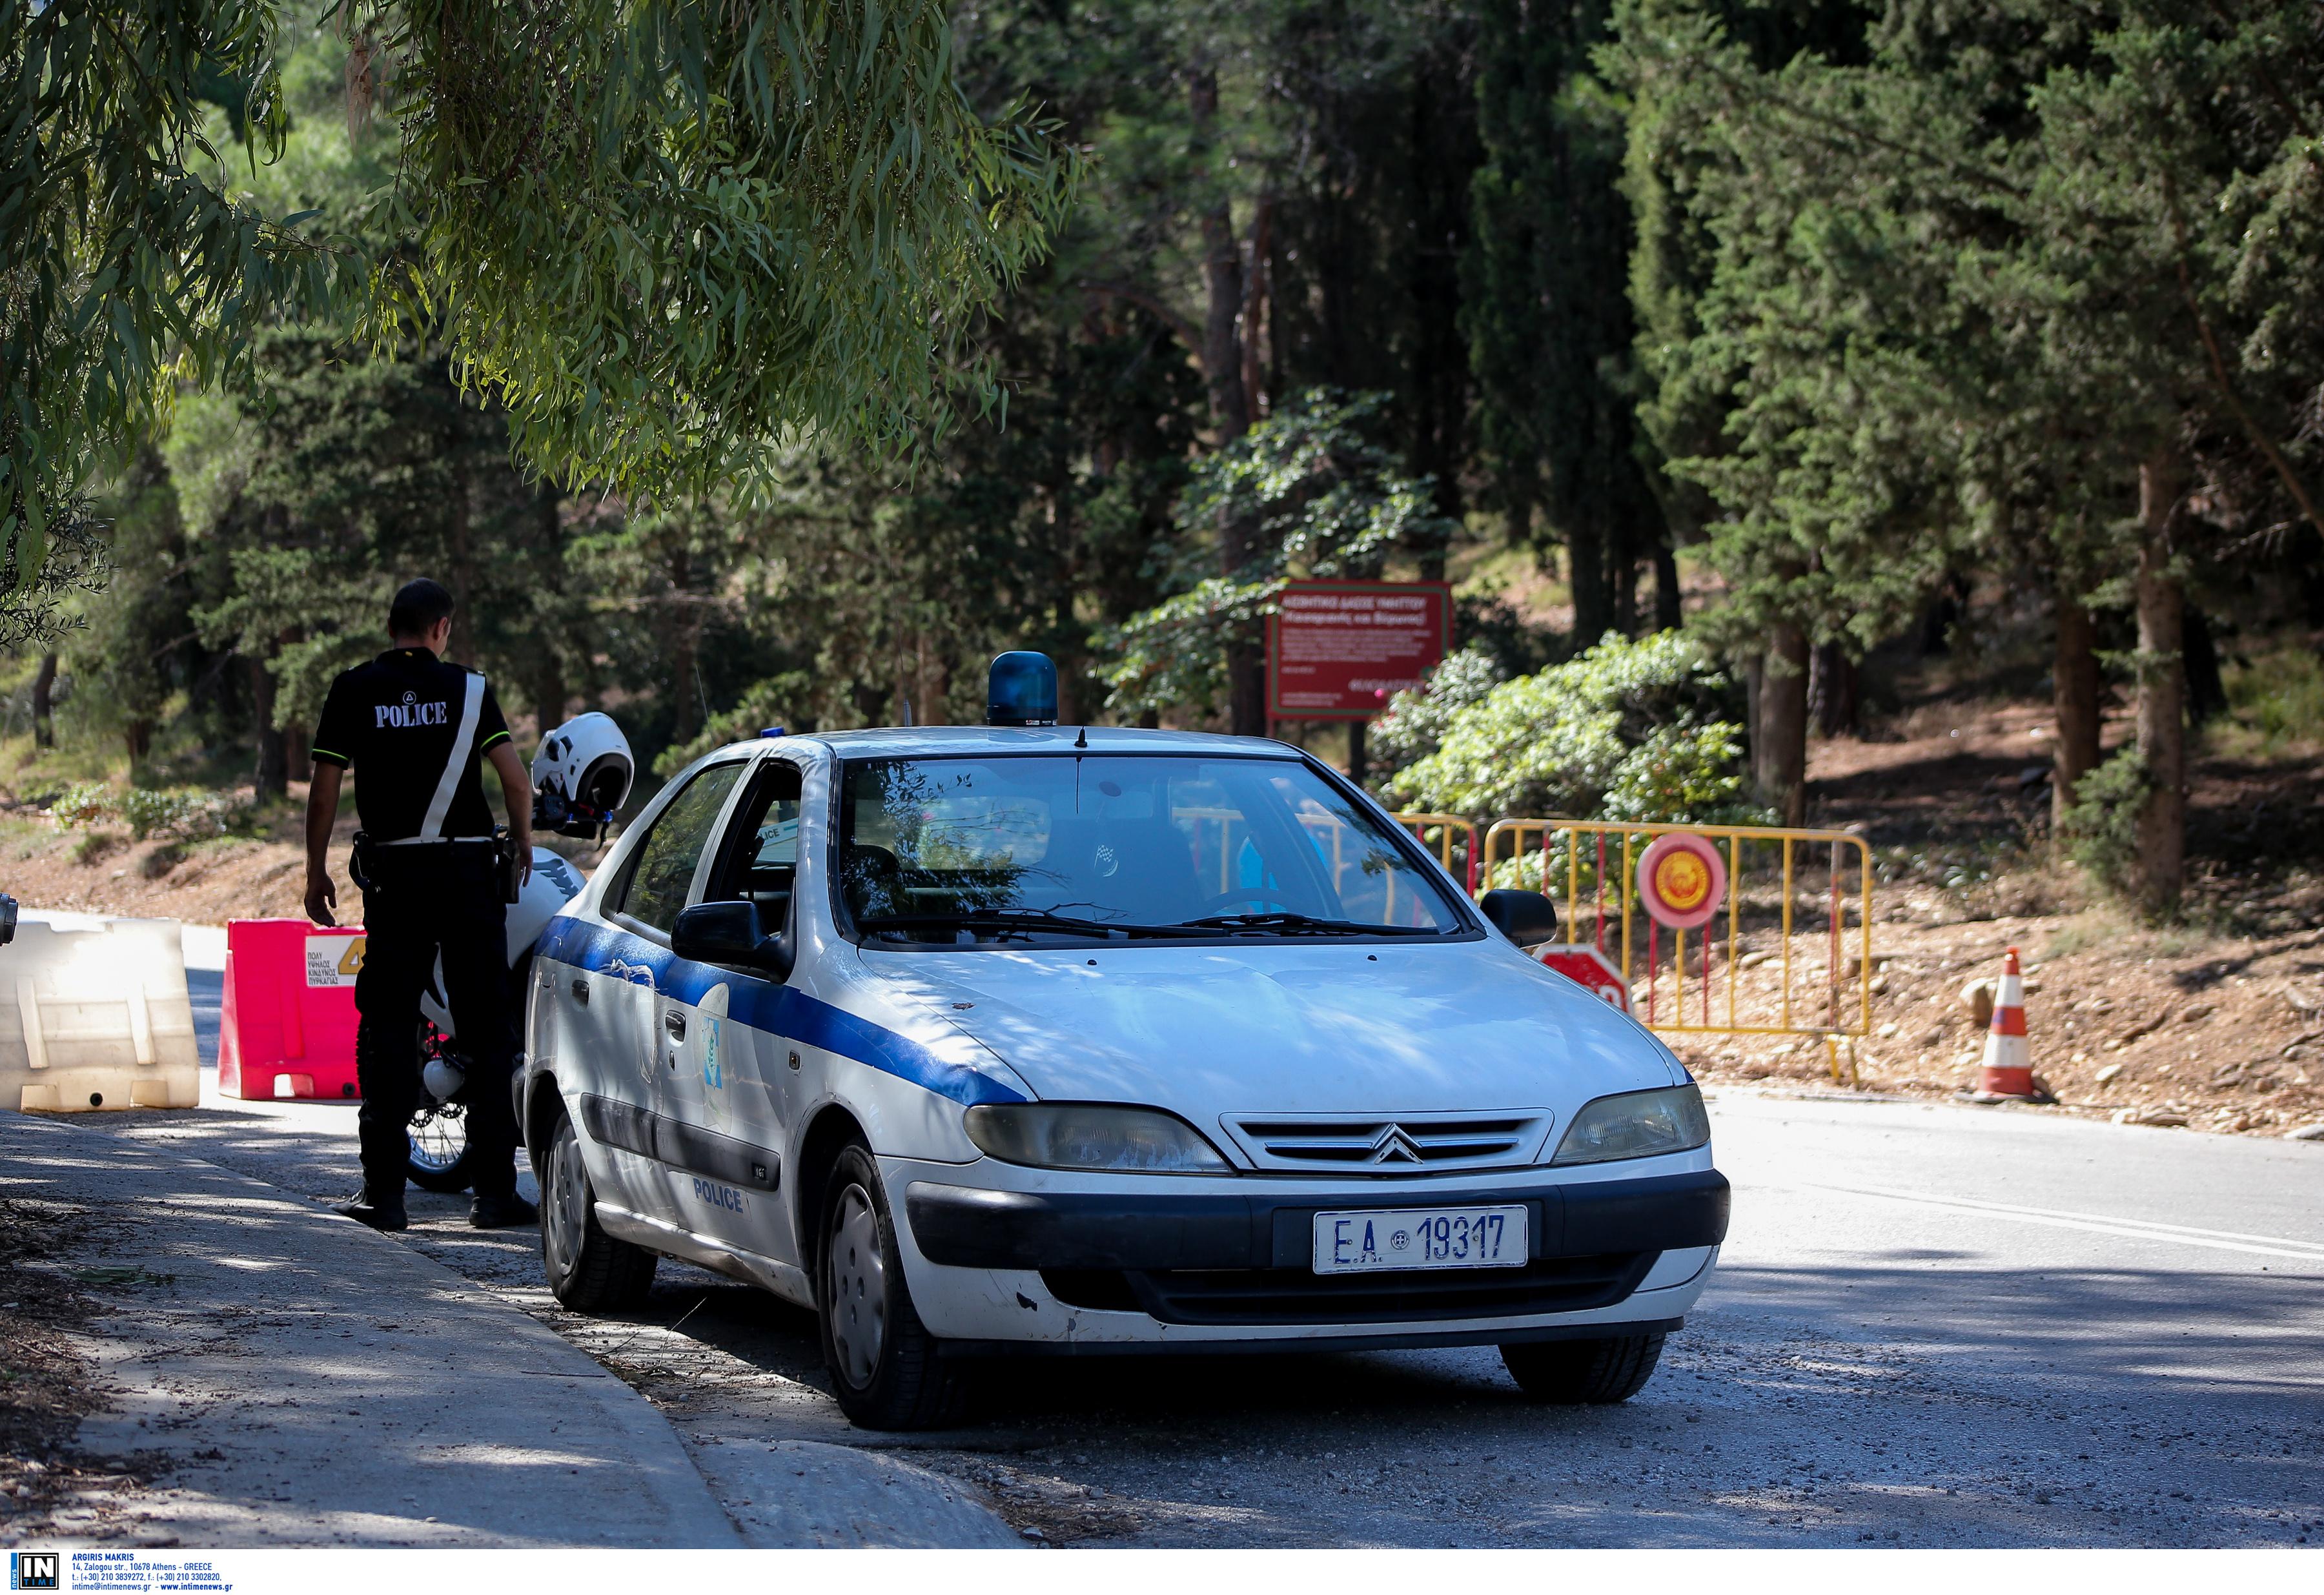 Μεσσηνία: Ανταλλαγή πυροβολισμών στη μέση του δρόμου – Τρόμος στη Μεσσήνη με άγριο κυνηγητό!